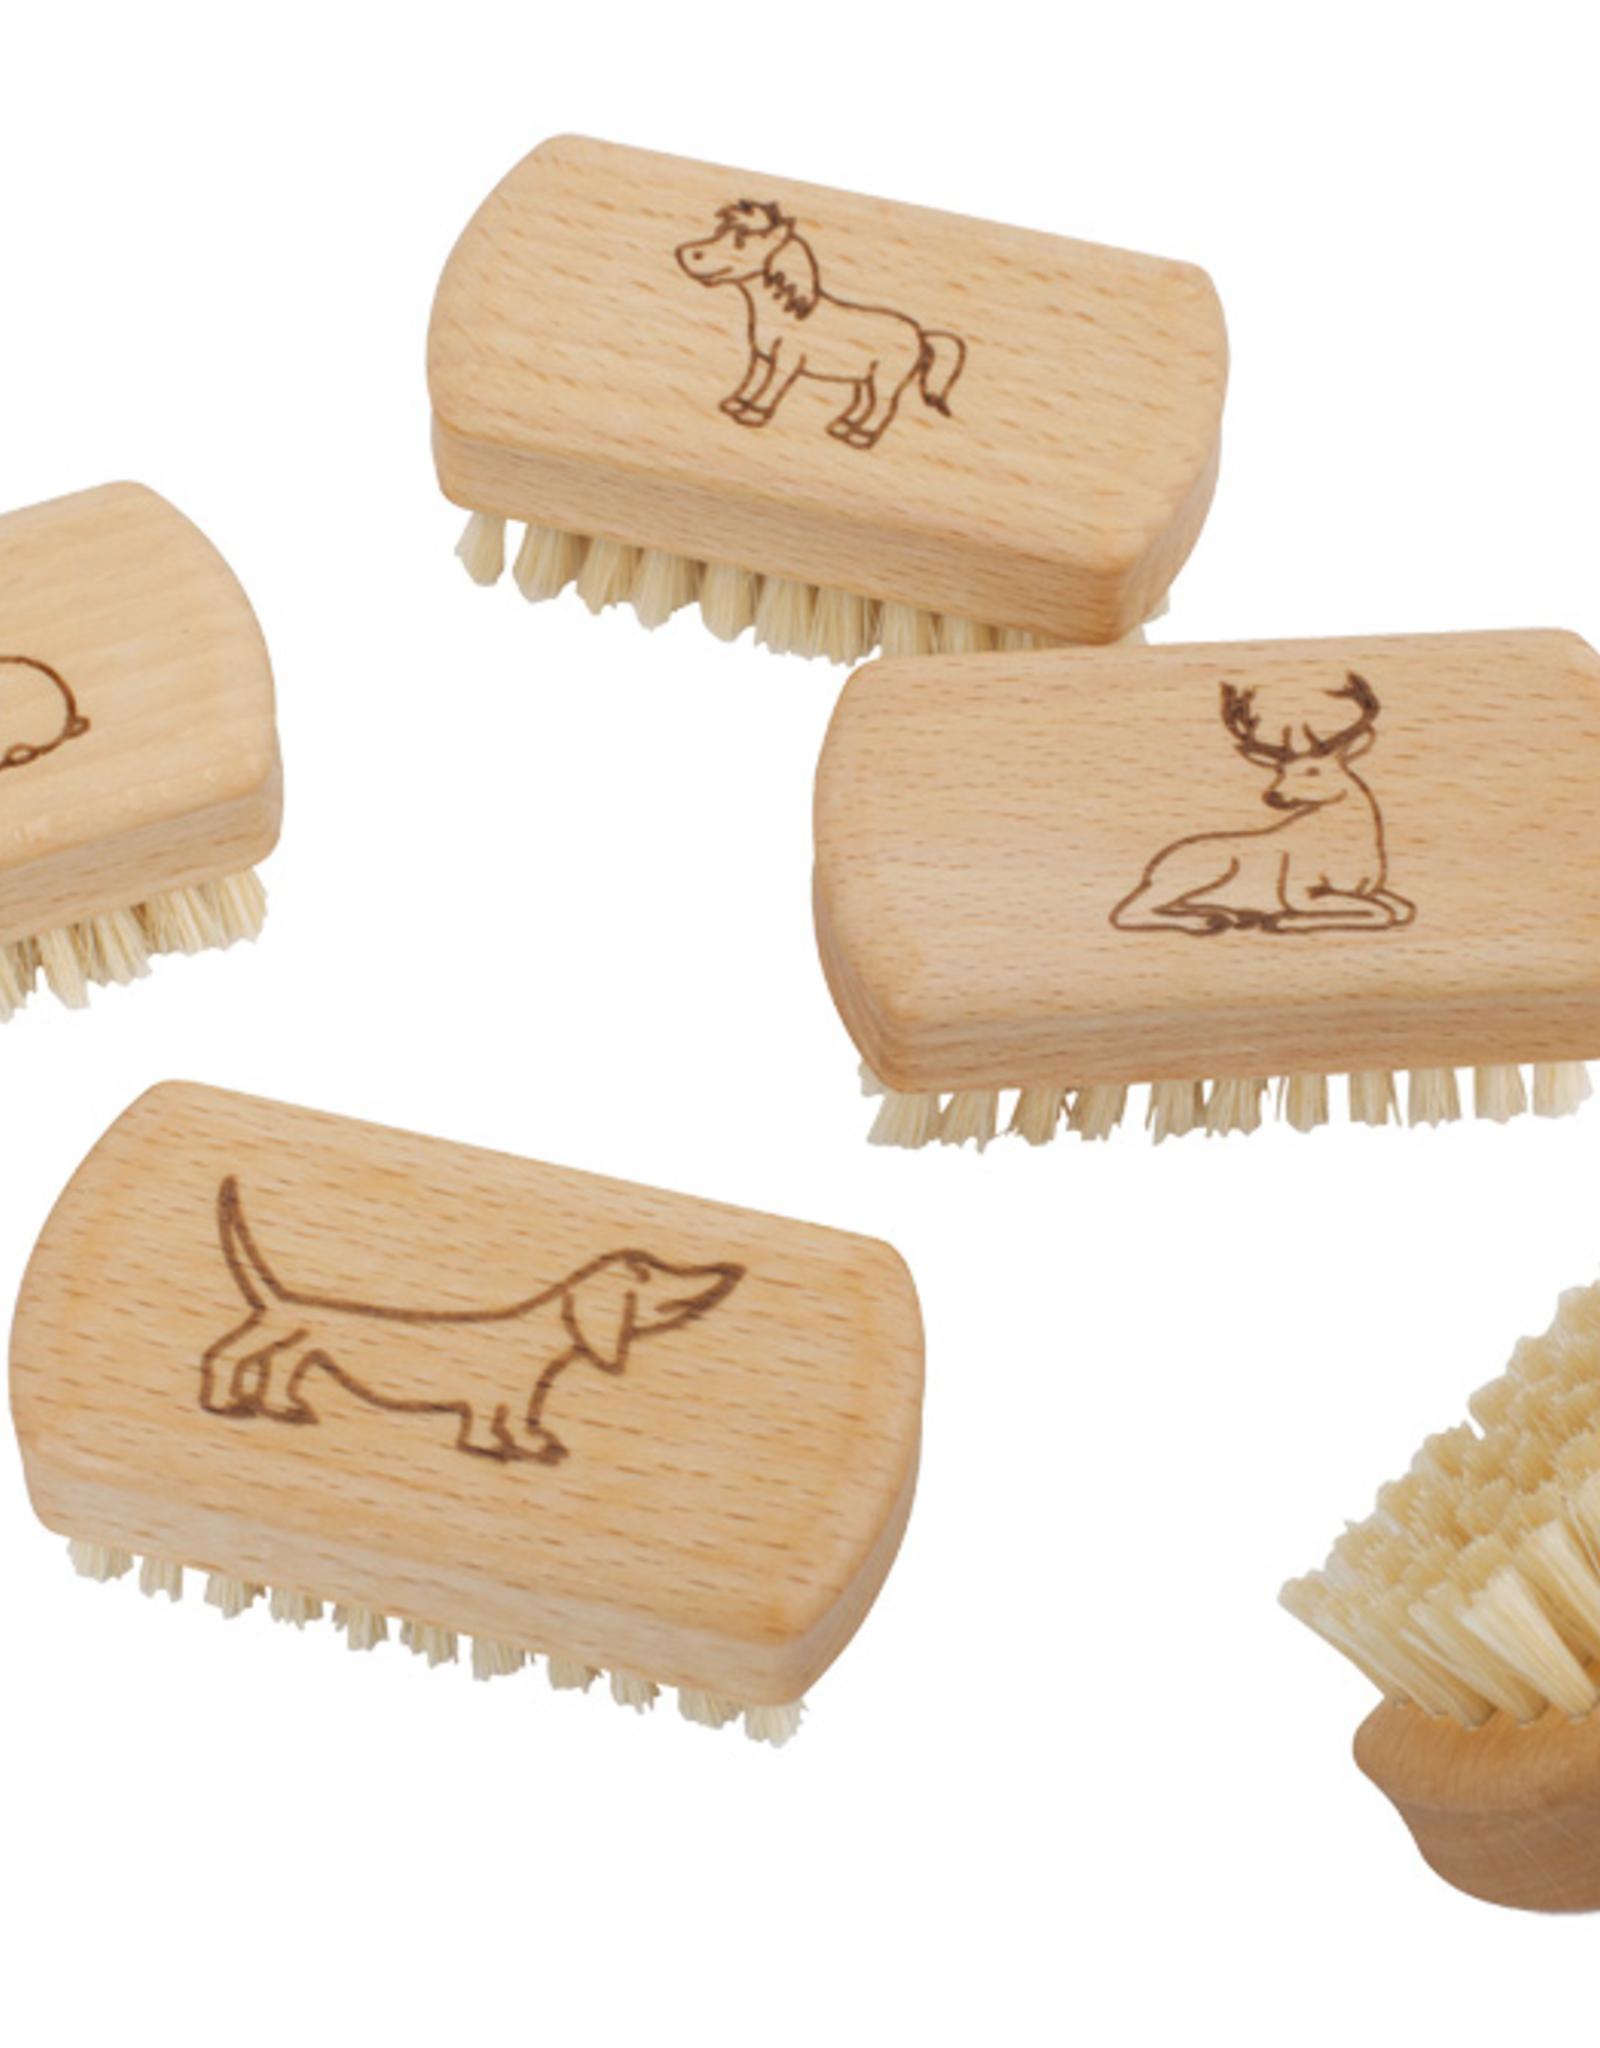 Redecker Redecker Nail Brush - assorted motifs